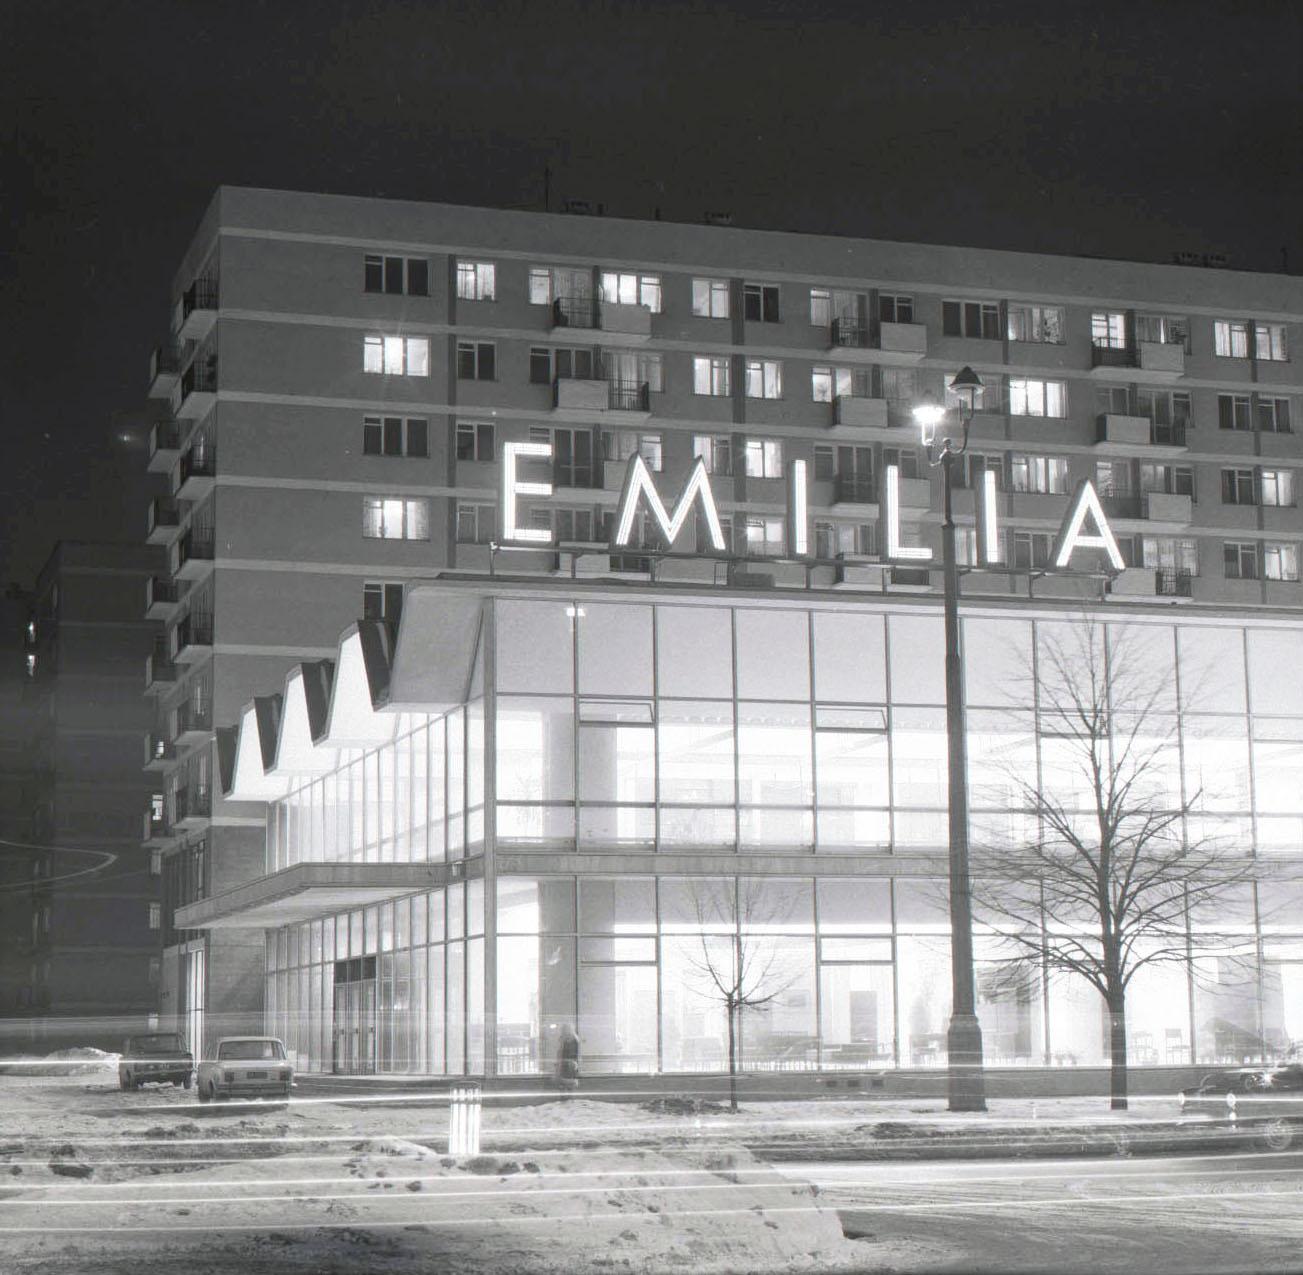 Dom meblowy Emilia, ok. 1970, fot. Archiwum Biura Projektów Budownictwa Ogólnego Budopol S.A